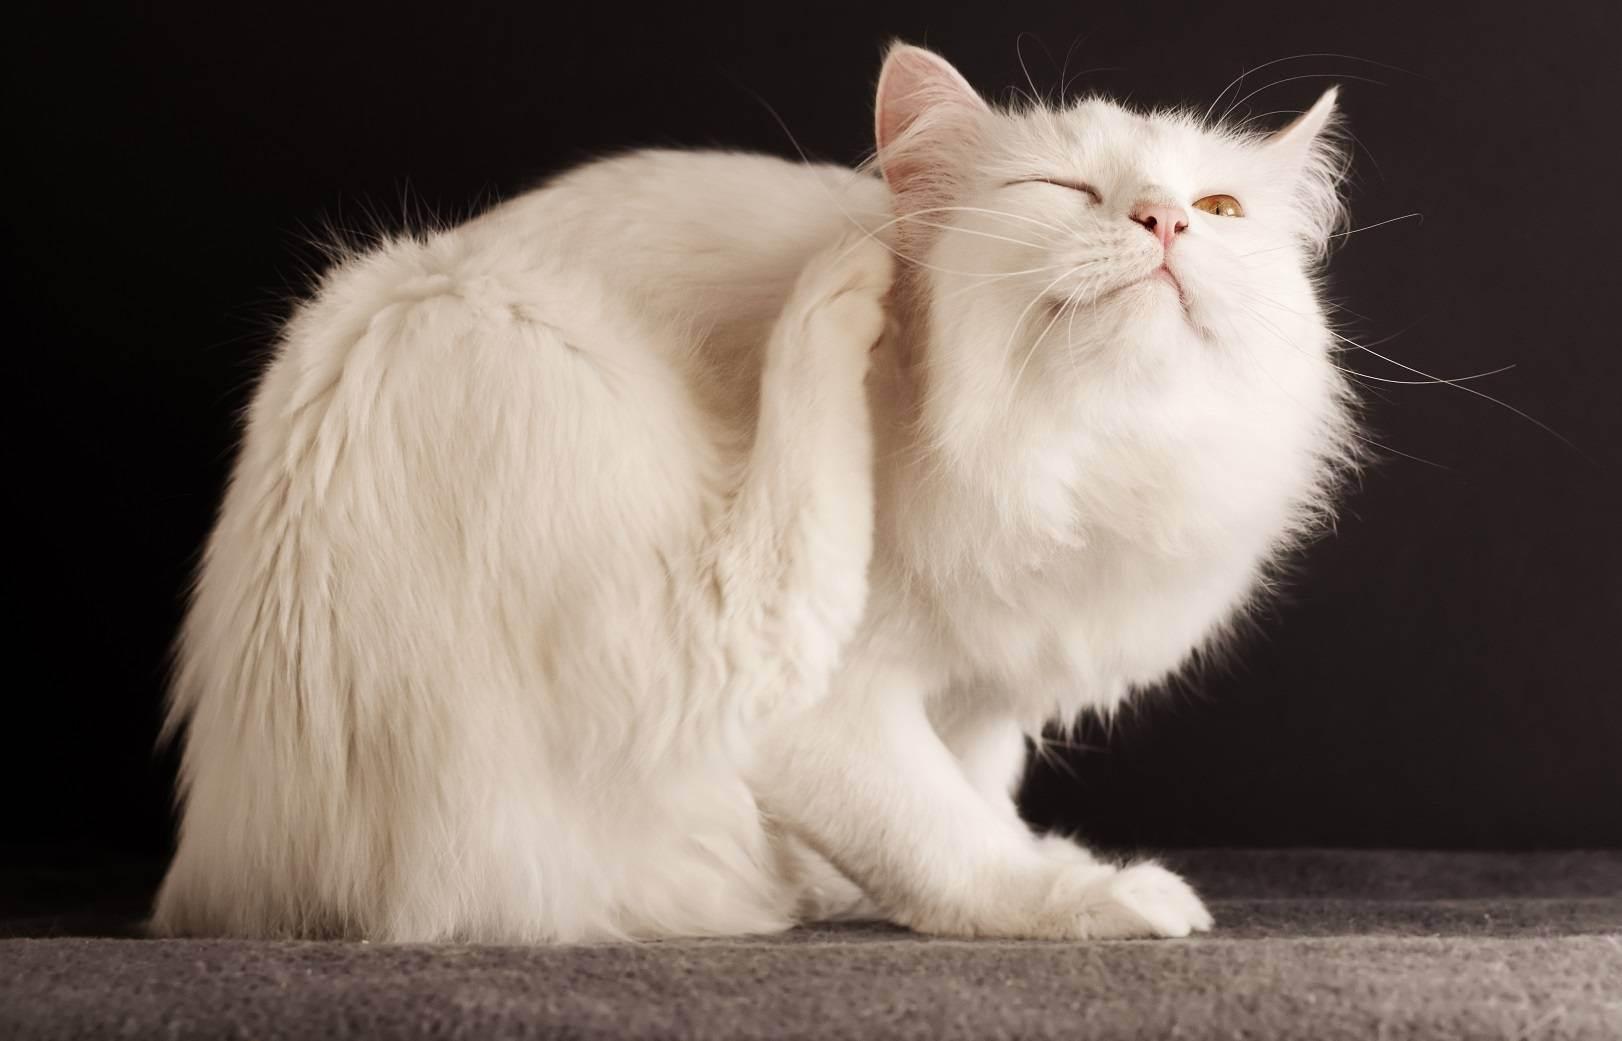 Лучшие советы для владельцев кошек: как сохранить порядок в доме